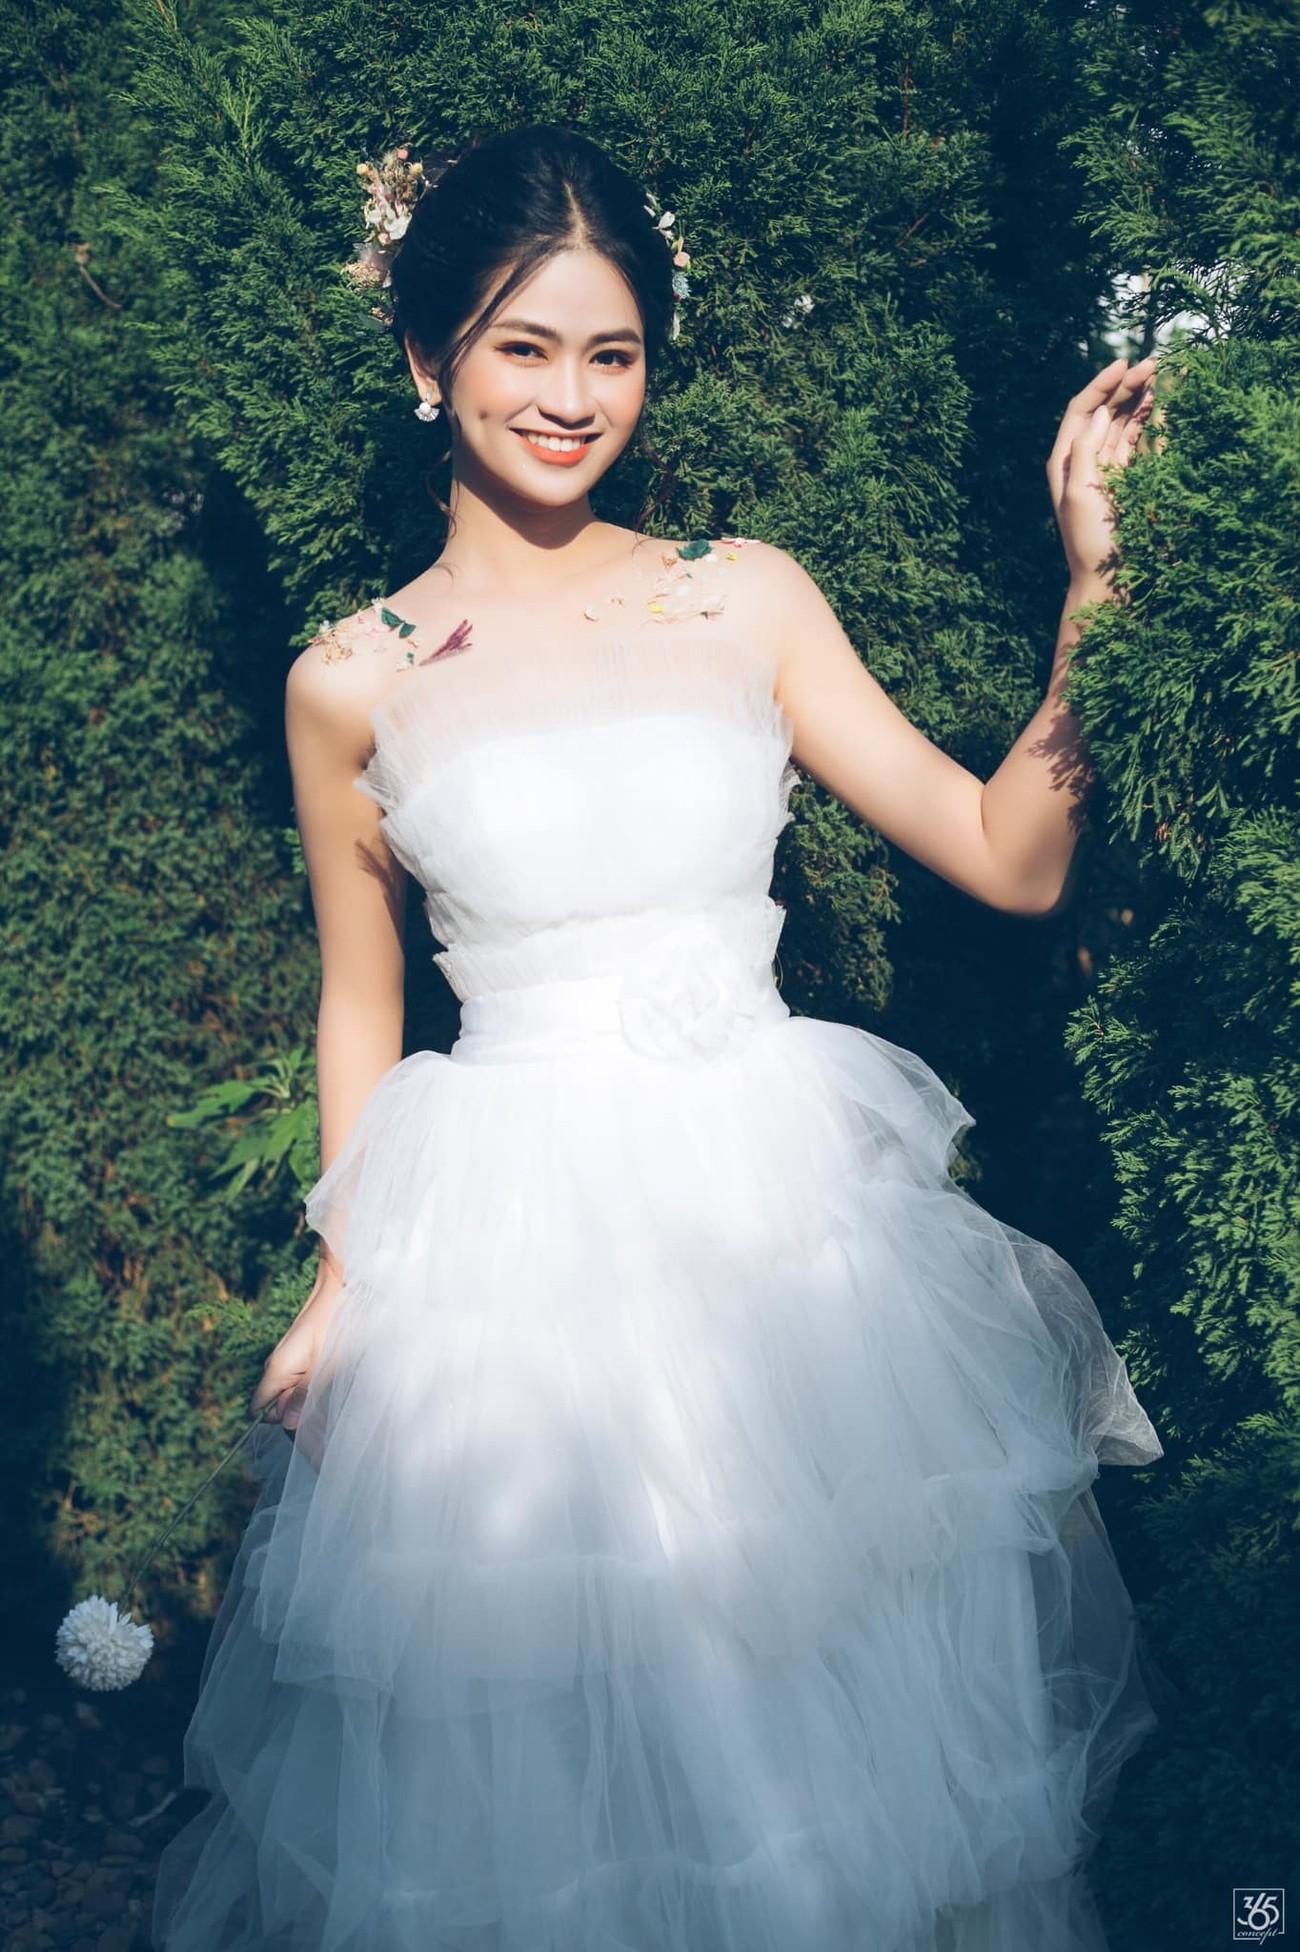 Người đẹp Cẩm Đan kiêu kỳ, Minh Anh xinh đẹp tựa nữ thần ảnh 9